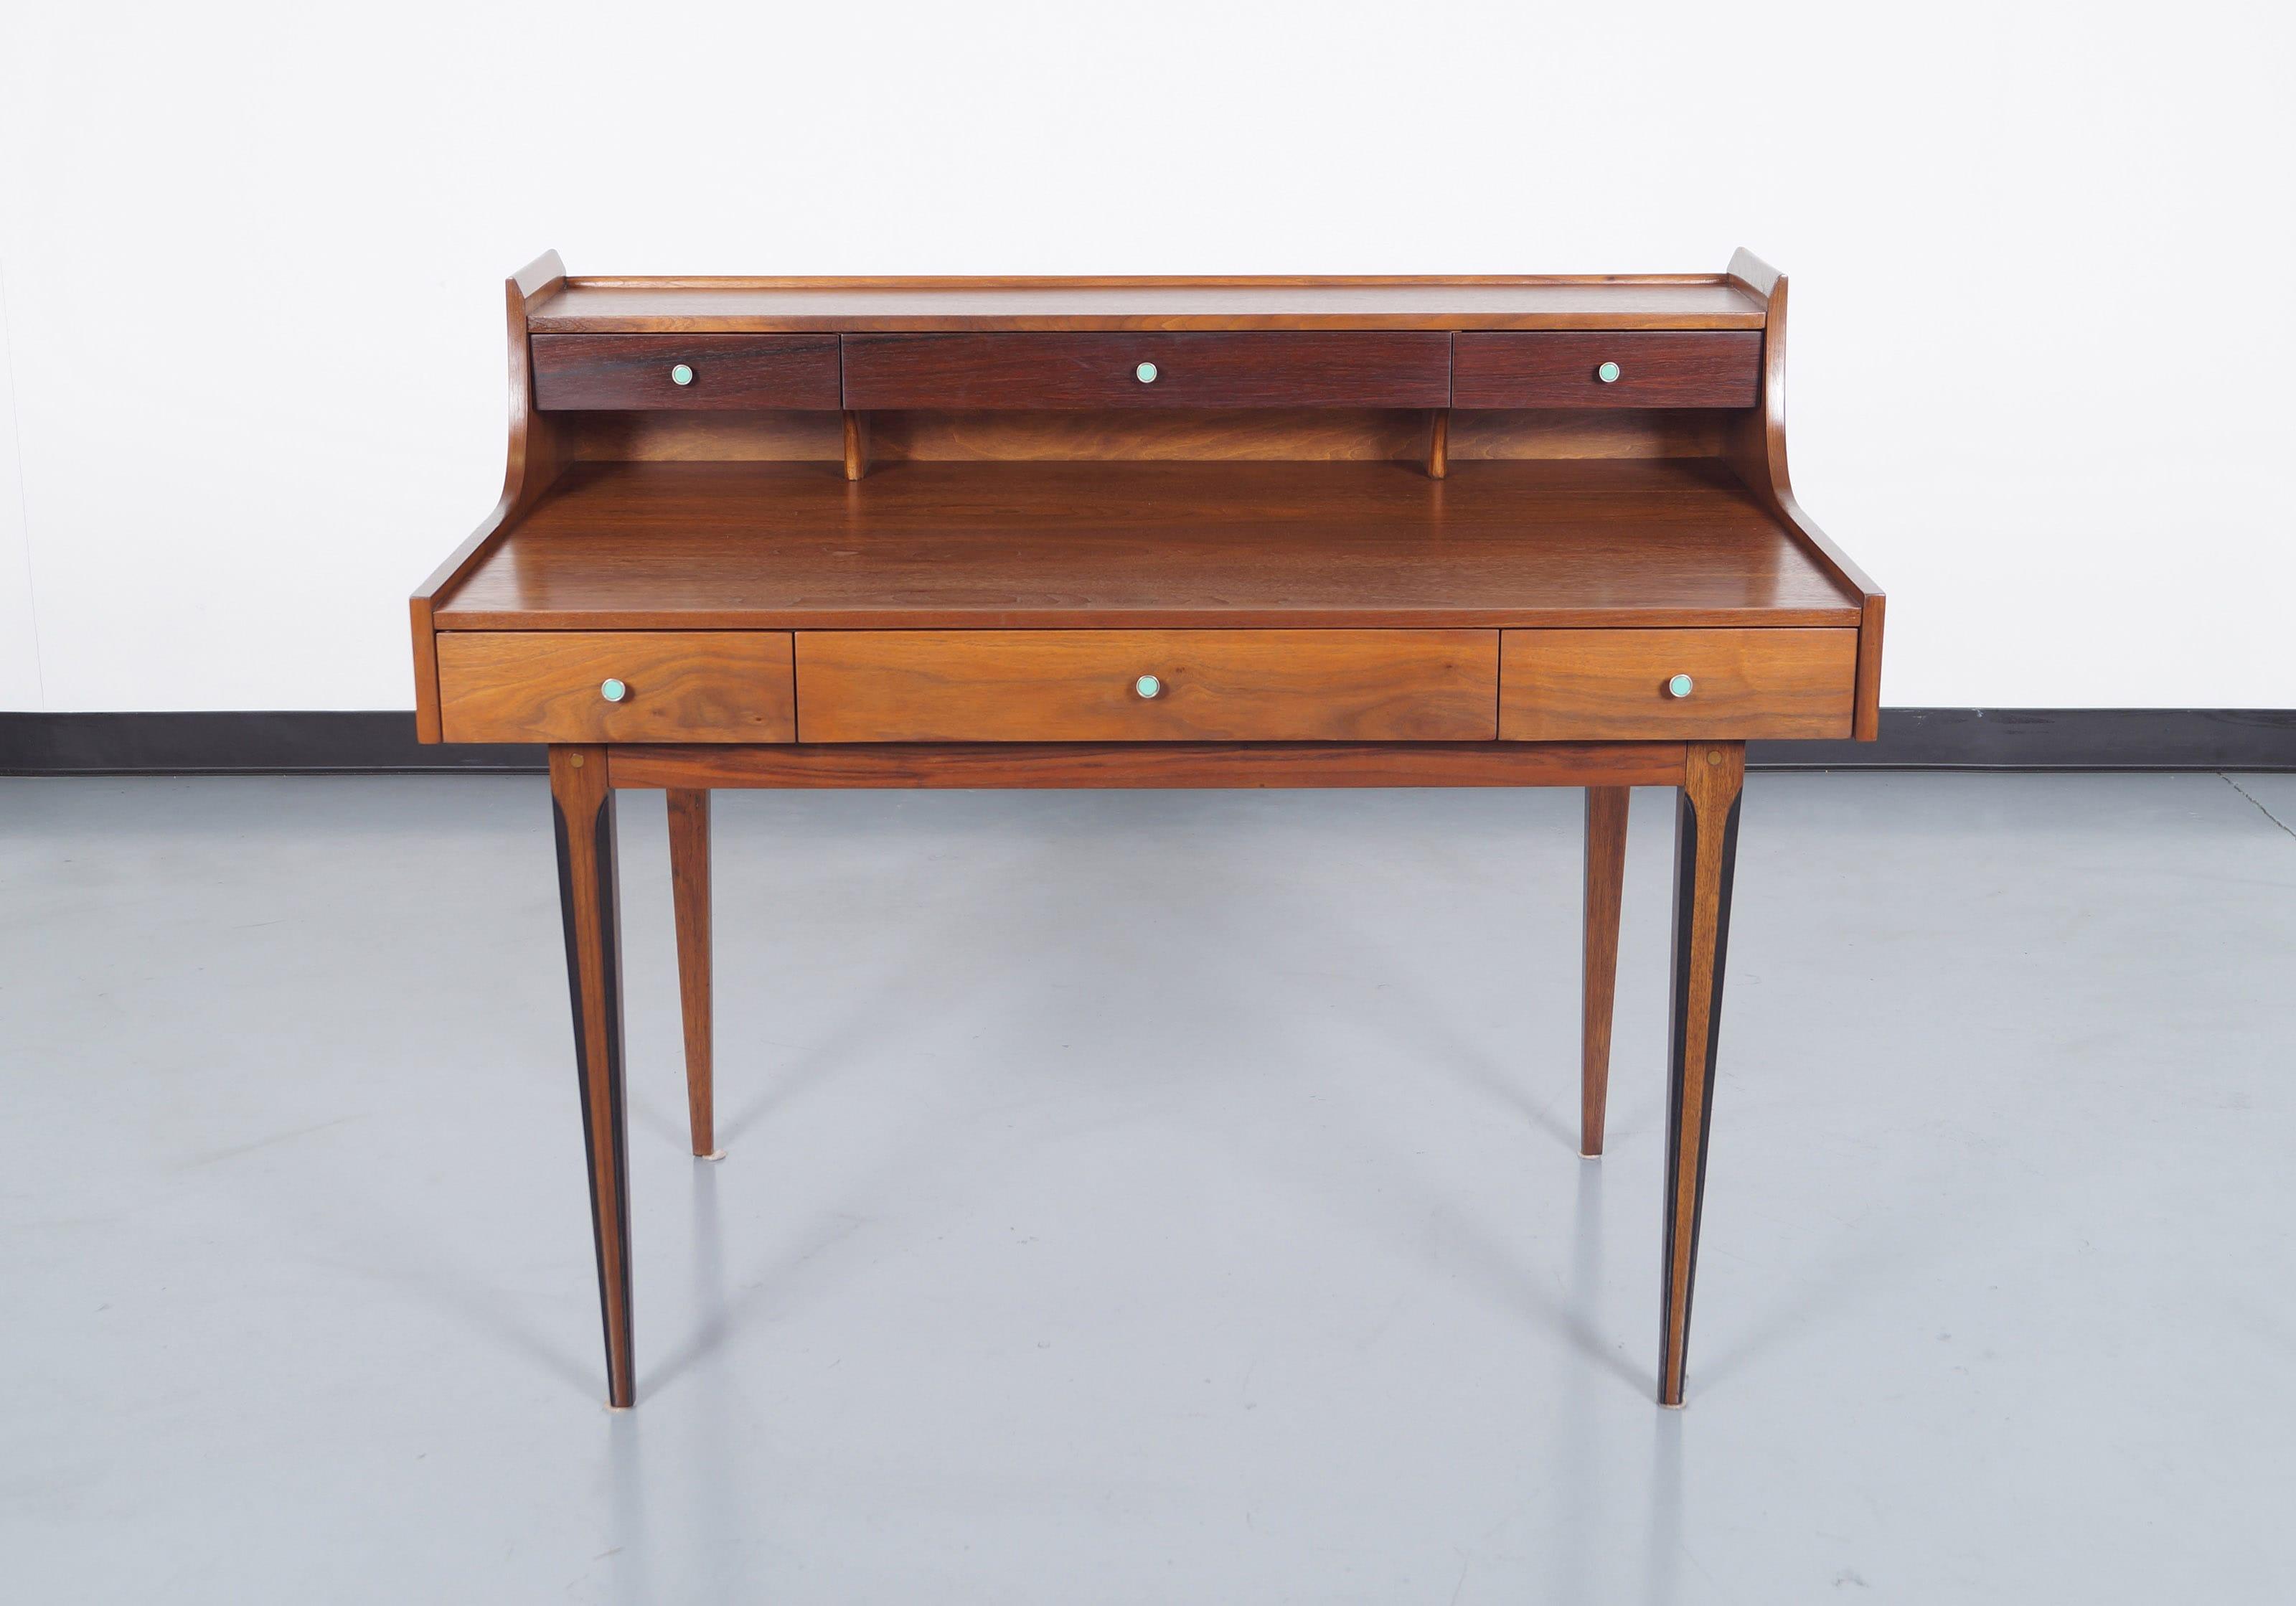 Vintage Walnut Desk by Kroehler